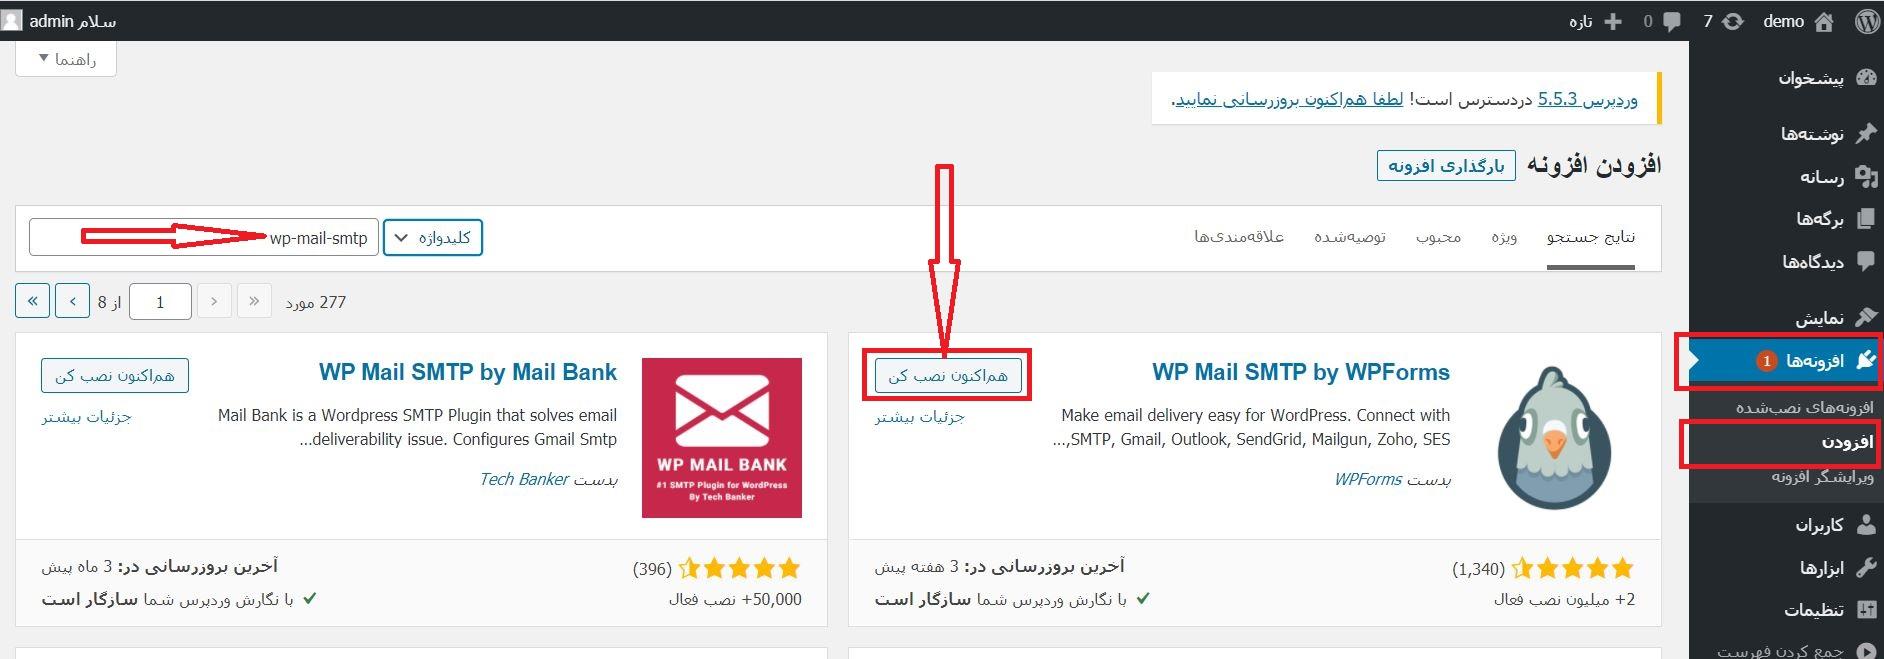 تنظیم ارسال ایمیل با افزونه wp mail smtp در وردپرس